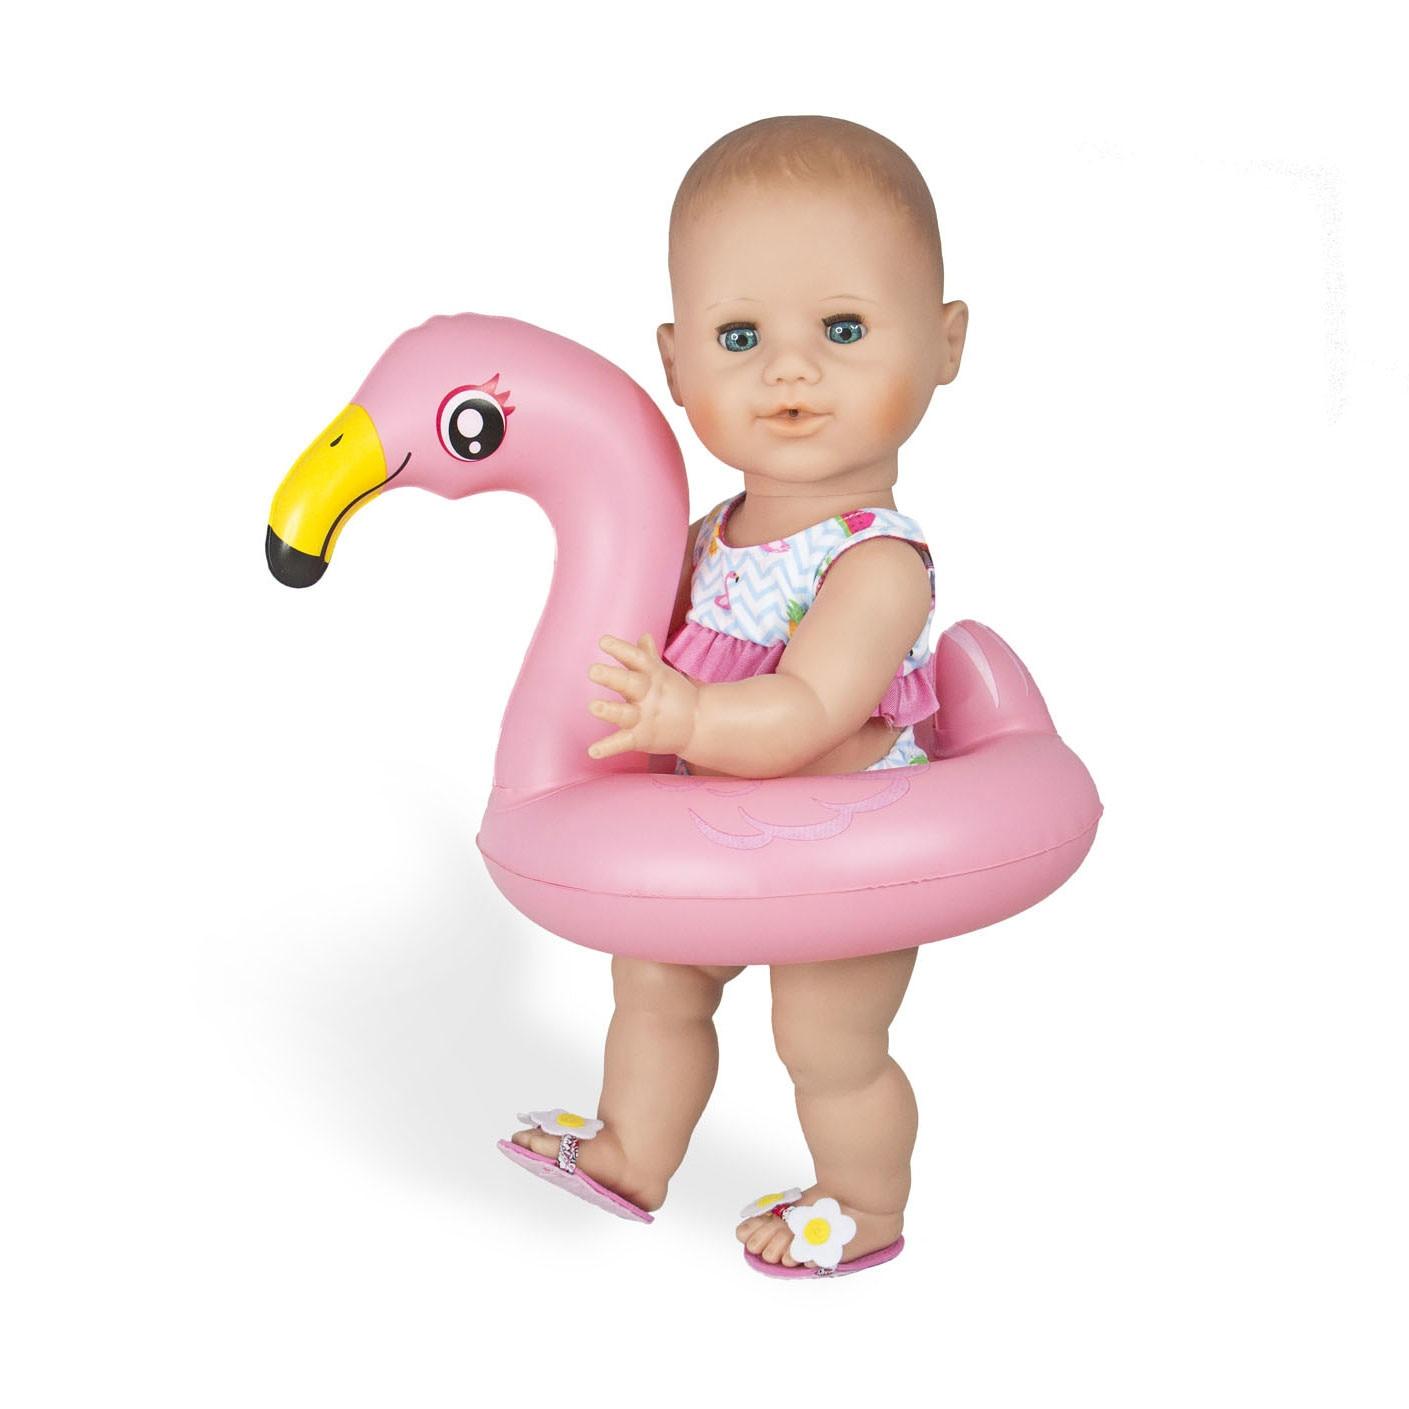 Játékbaba strandszett, 35-45 cm, Flamingó W28O0G